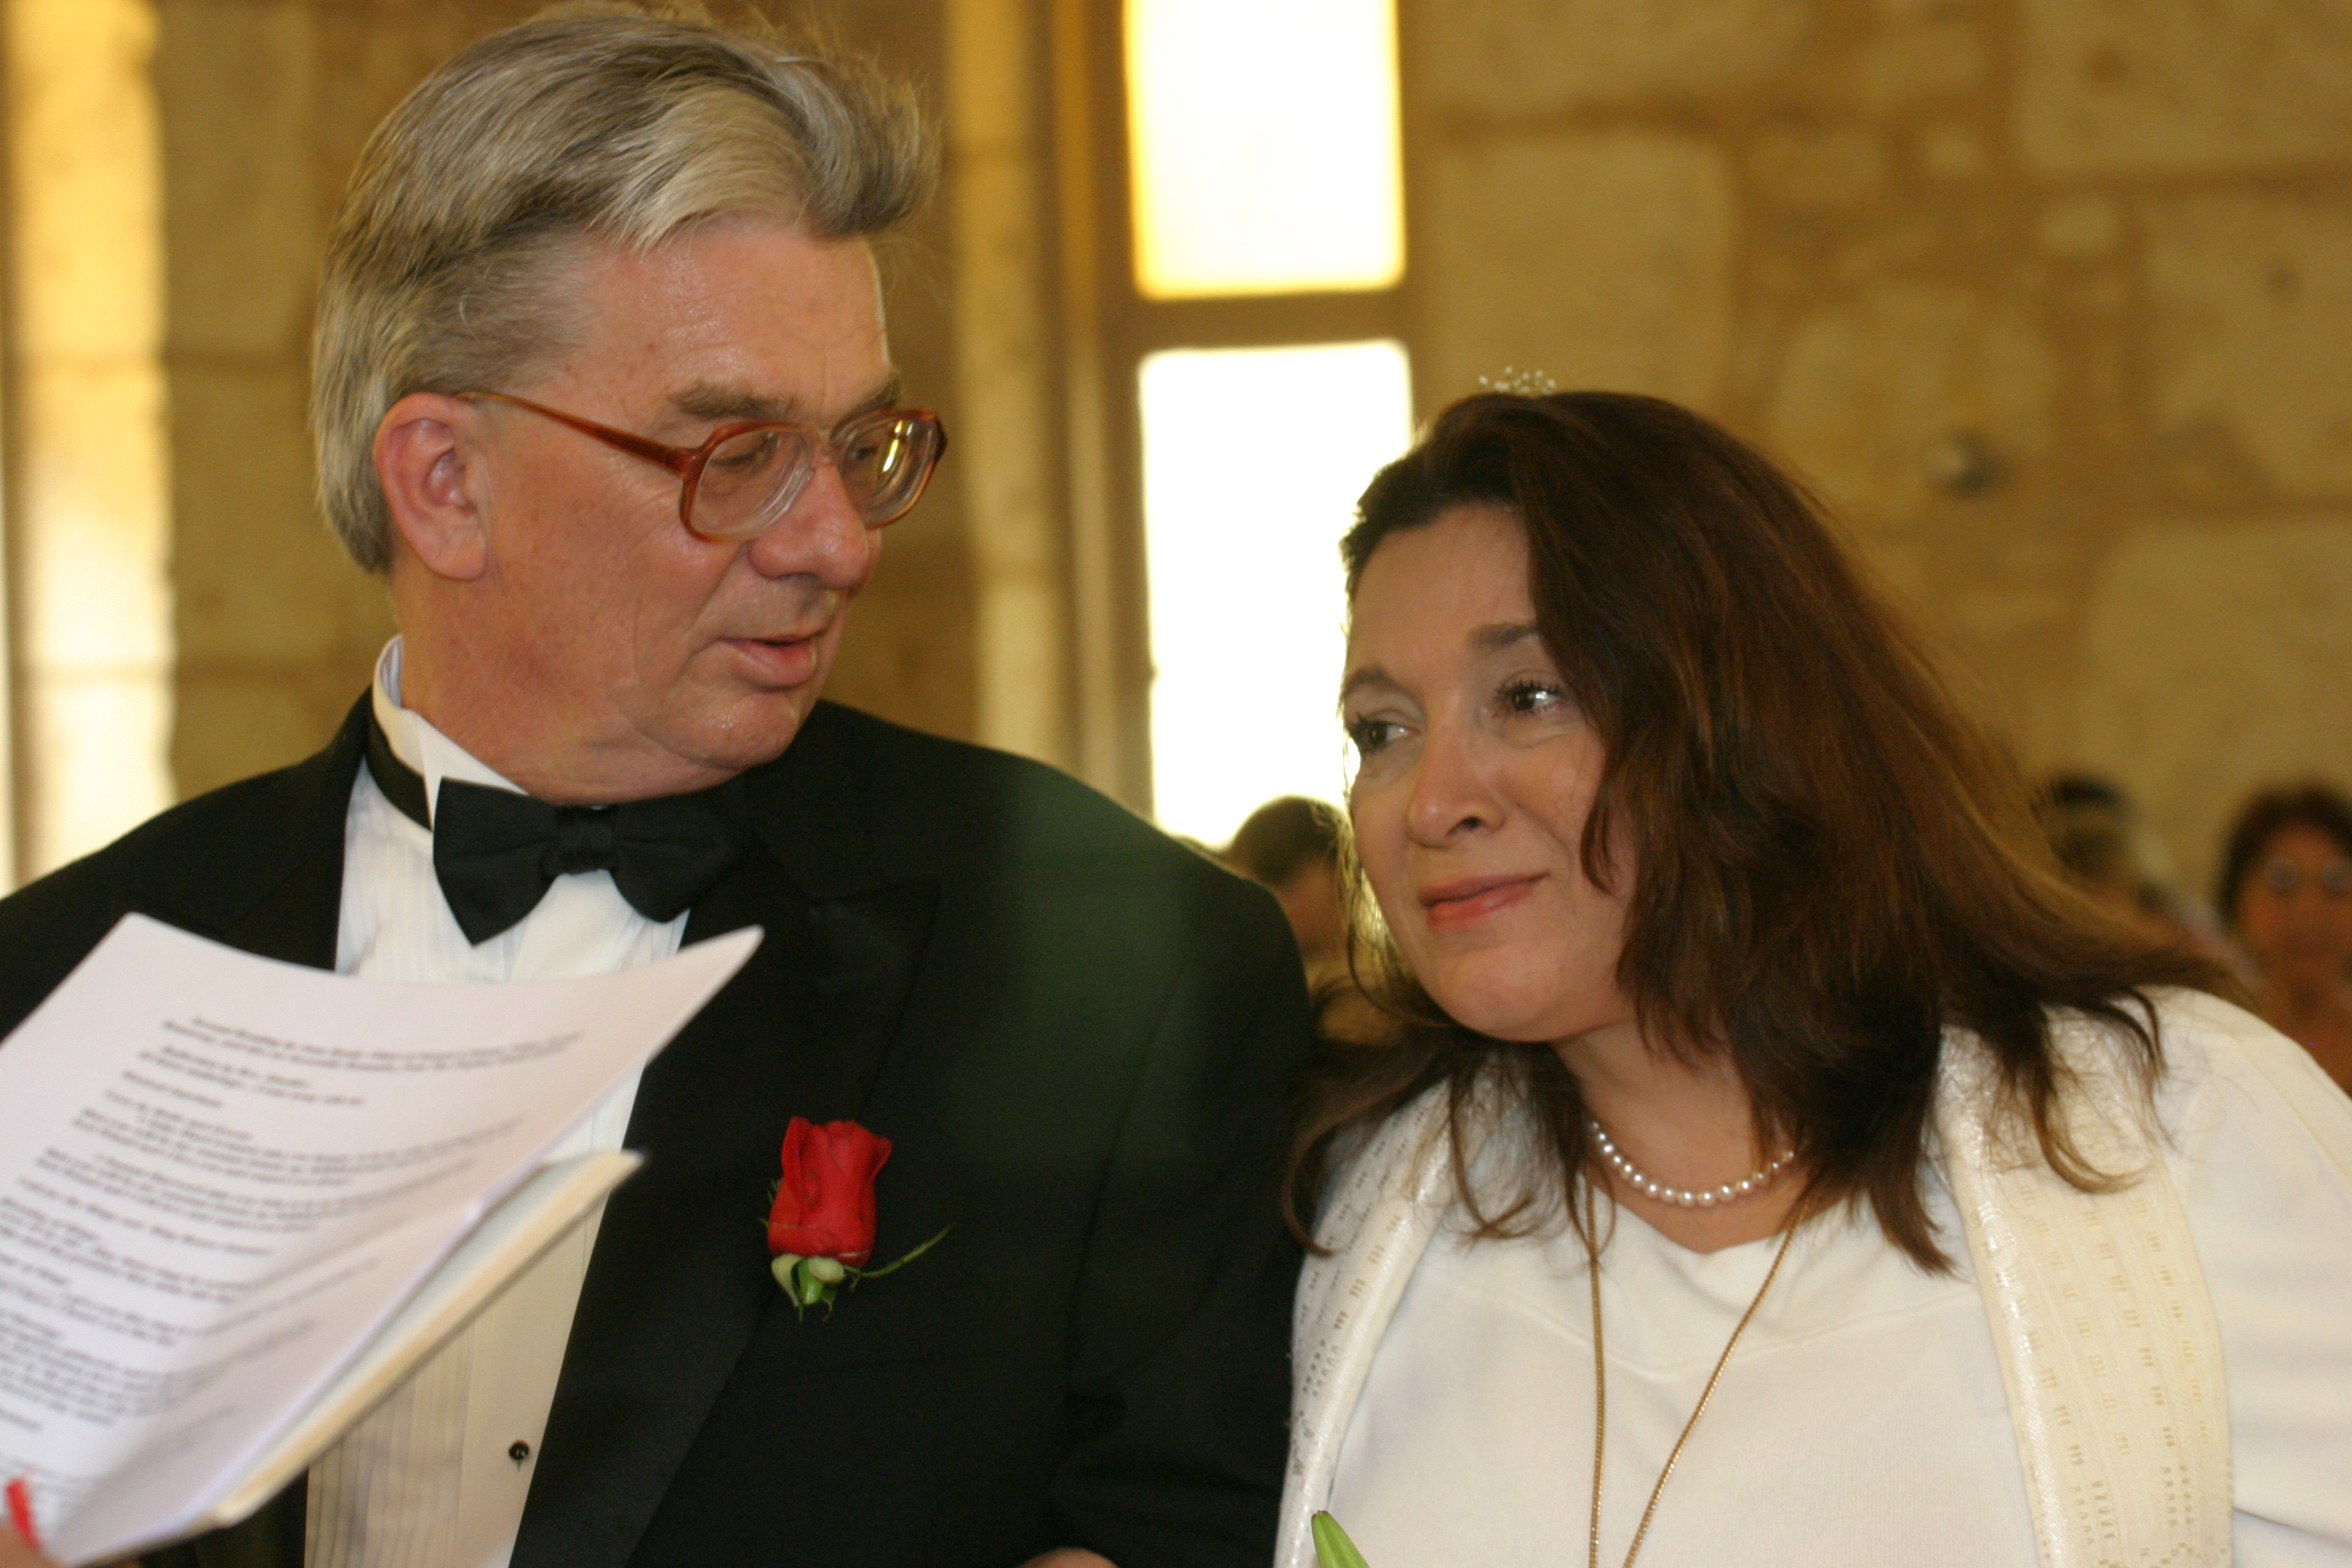 John & Susana